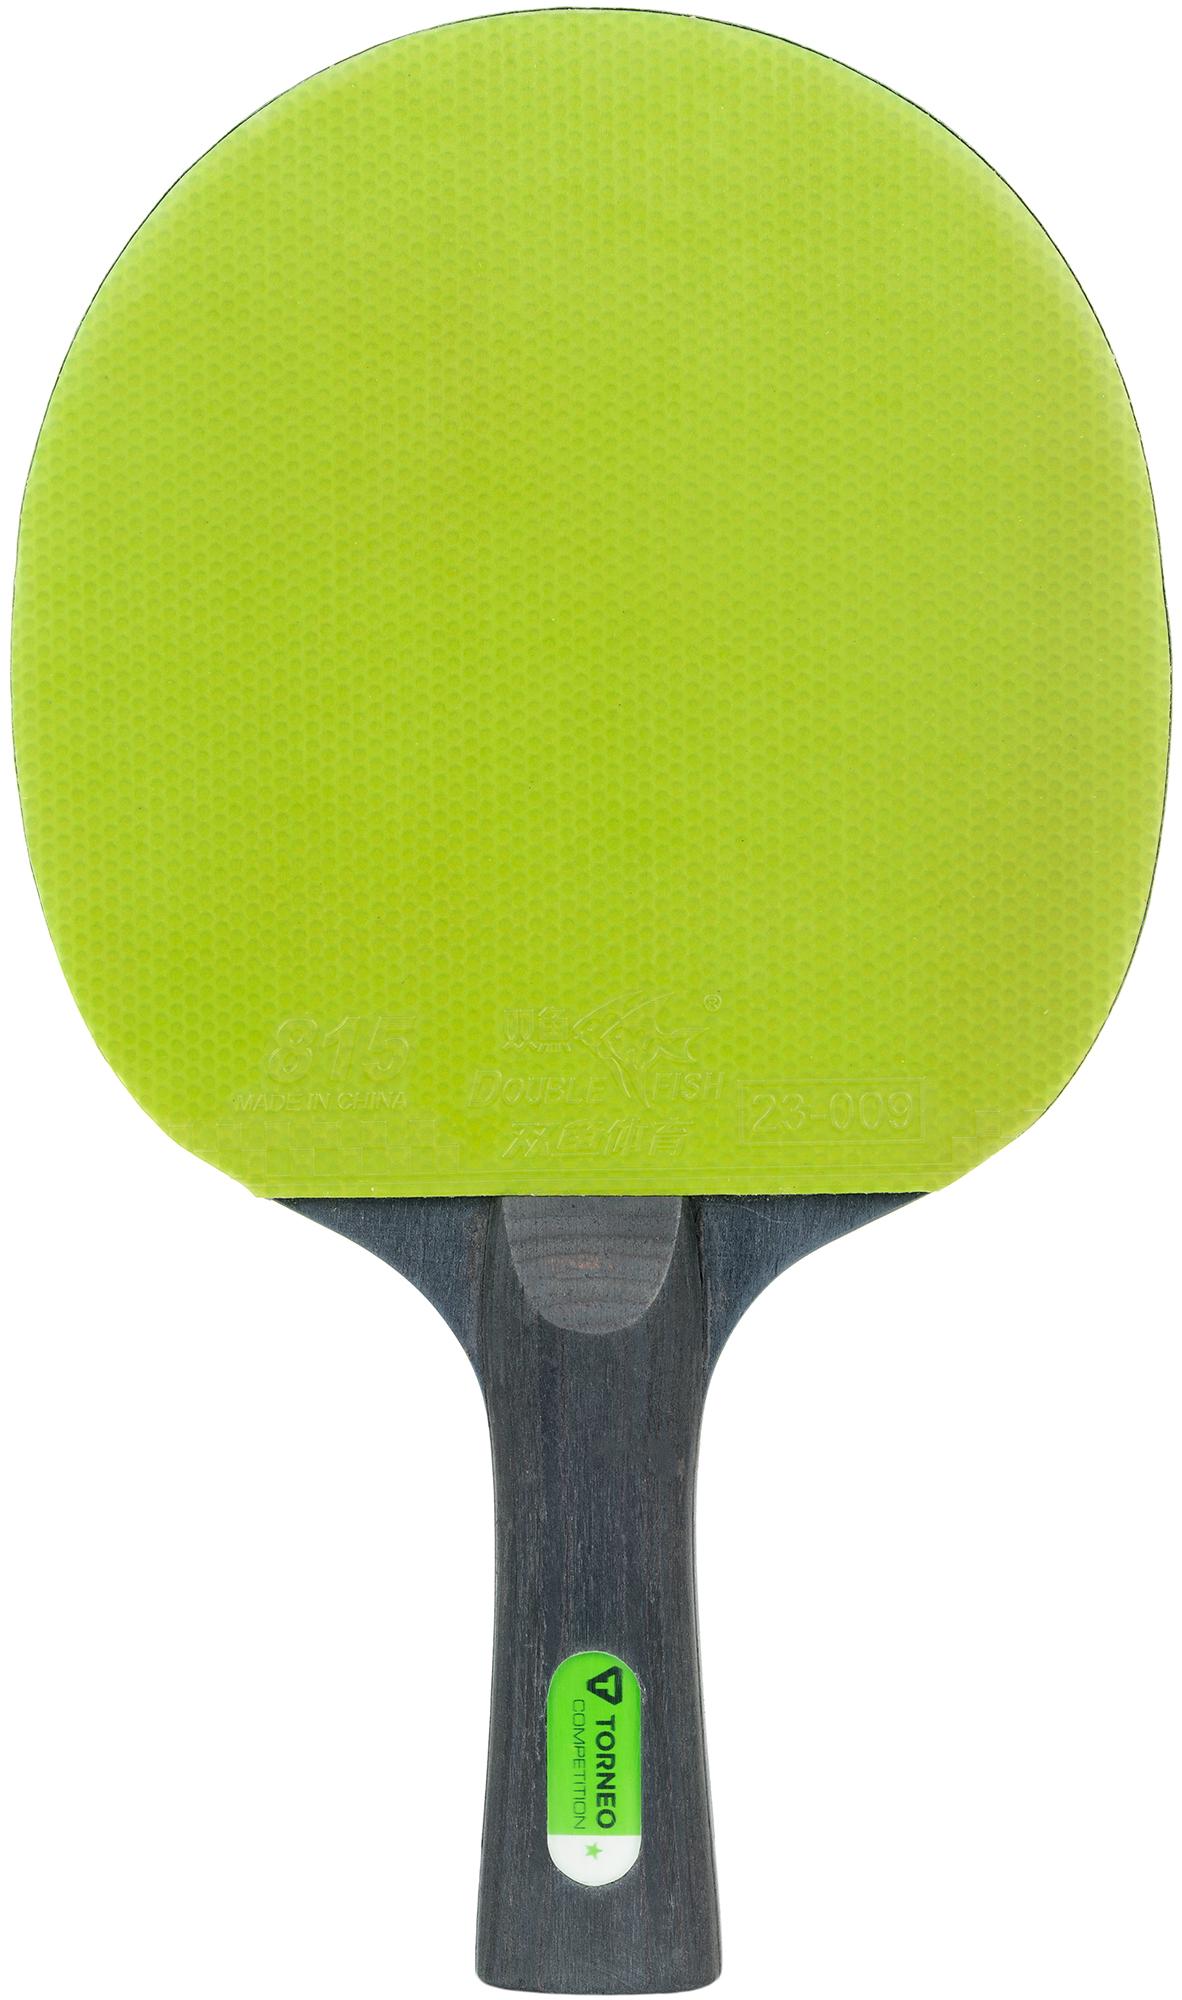 Torneo Ракетка для настольного тенниса Torneo Competition torneo ракетка для большого тенниса детская torneo 25 размер без размера